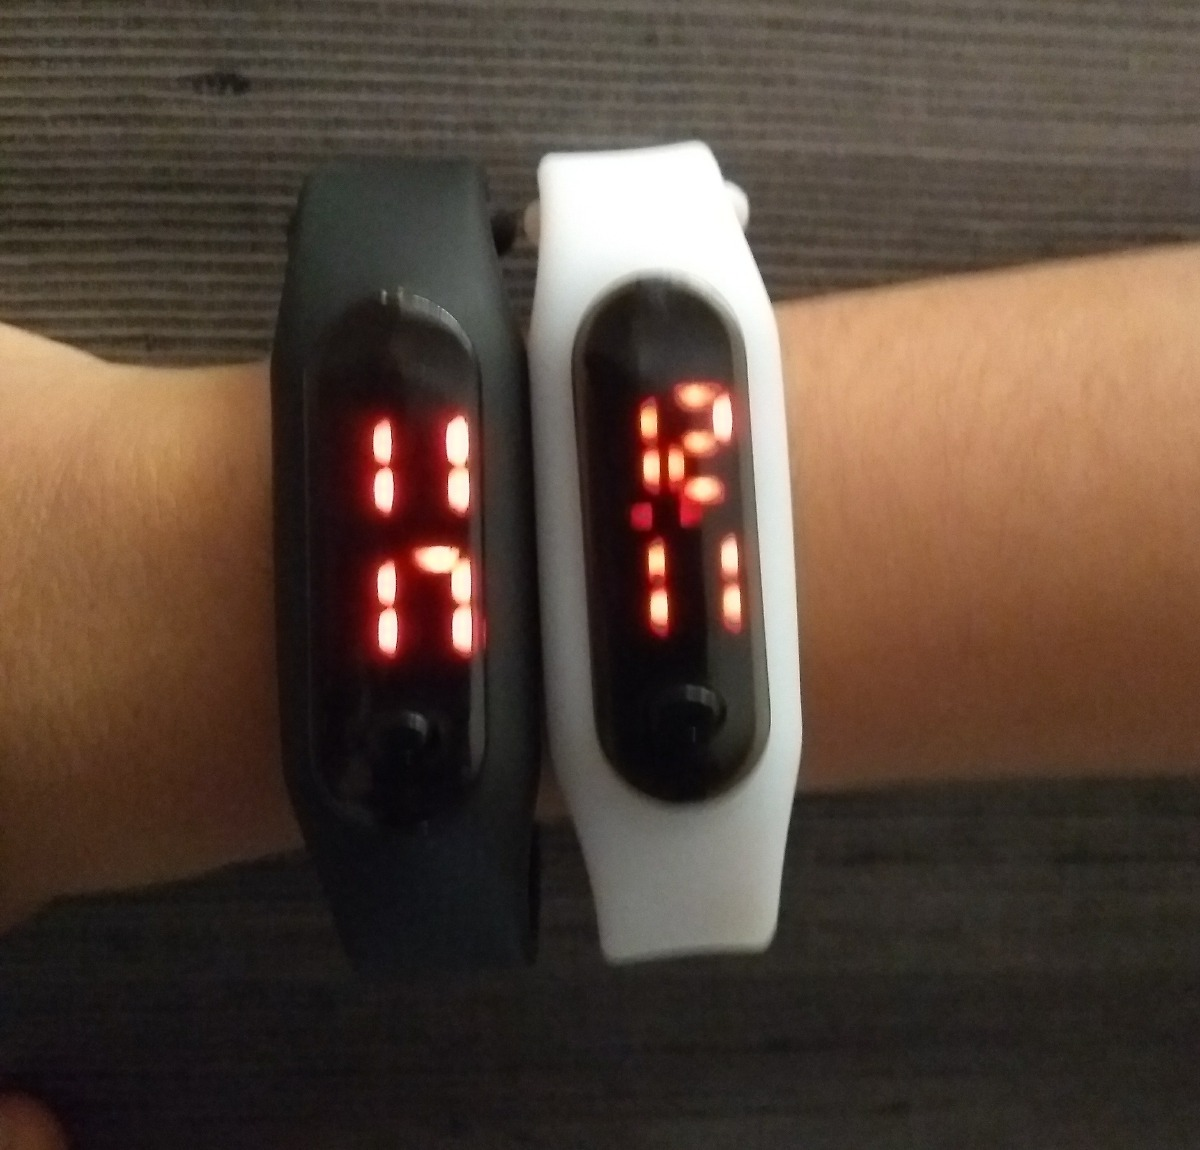 40f1c63a4d8 kit 2 relógios digital led pulseira silicone sport. Carregando zoom.